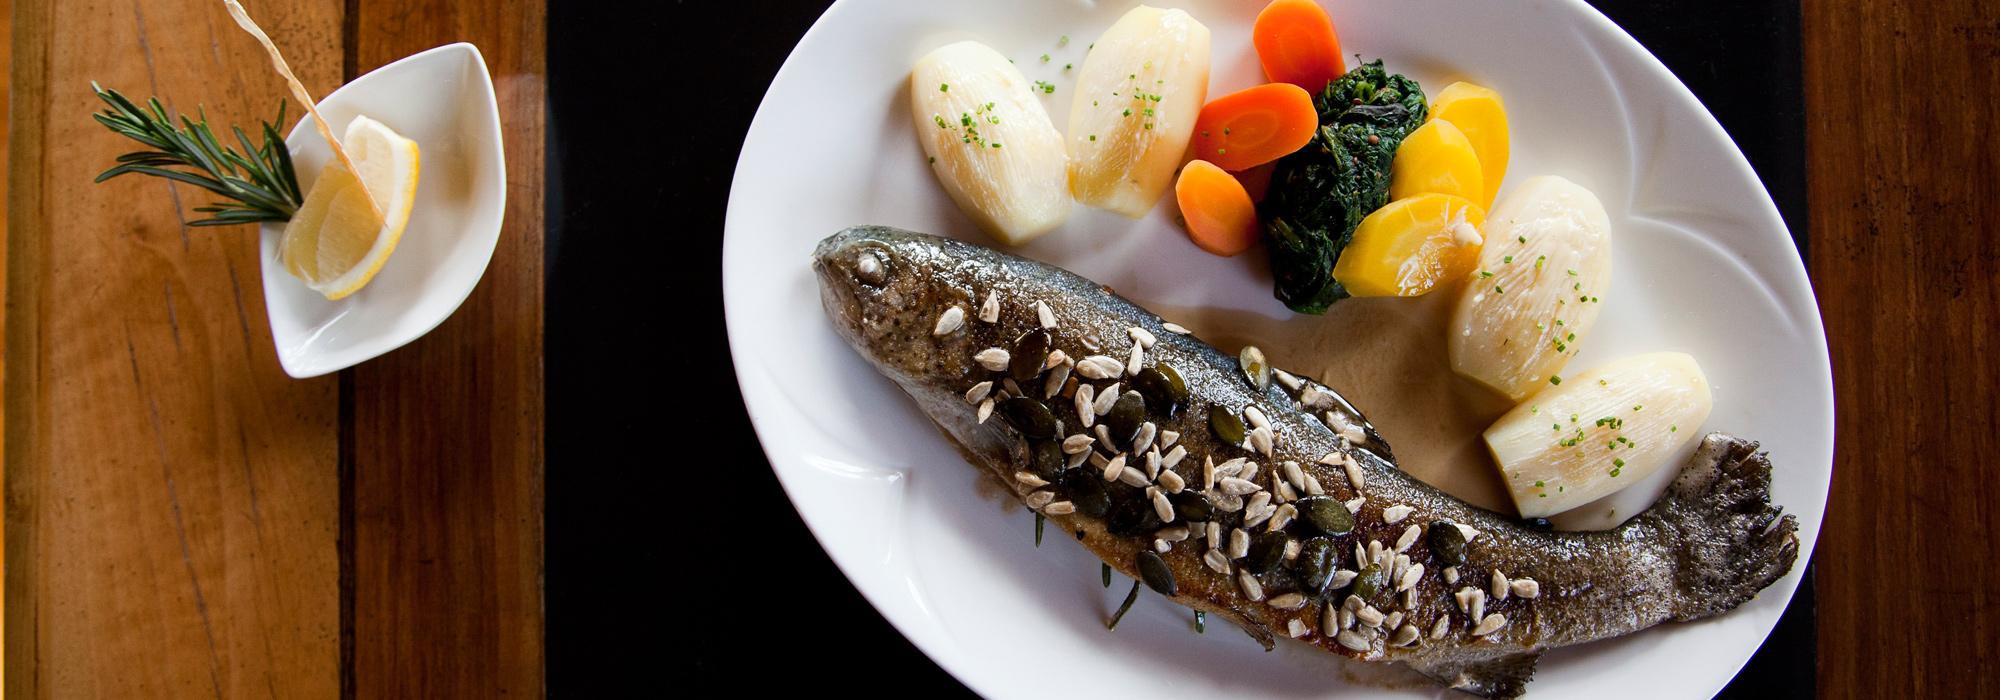 Restaurant Flims/Laax Kulinarische Gaumenfreuden